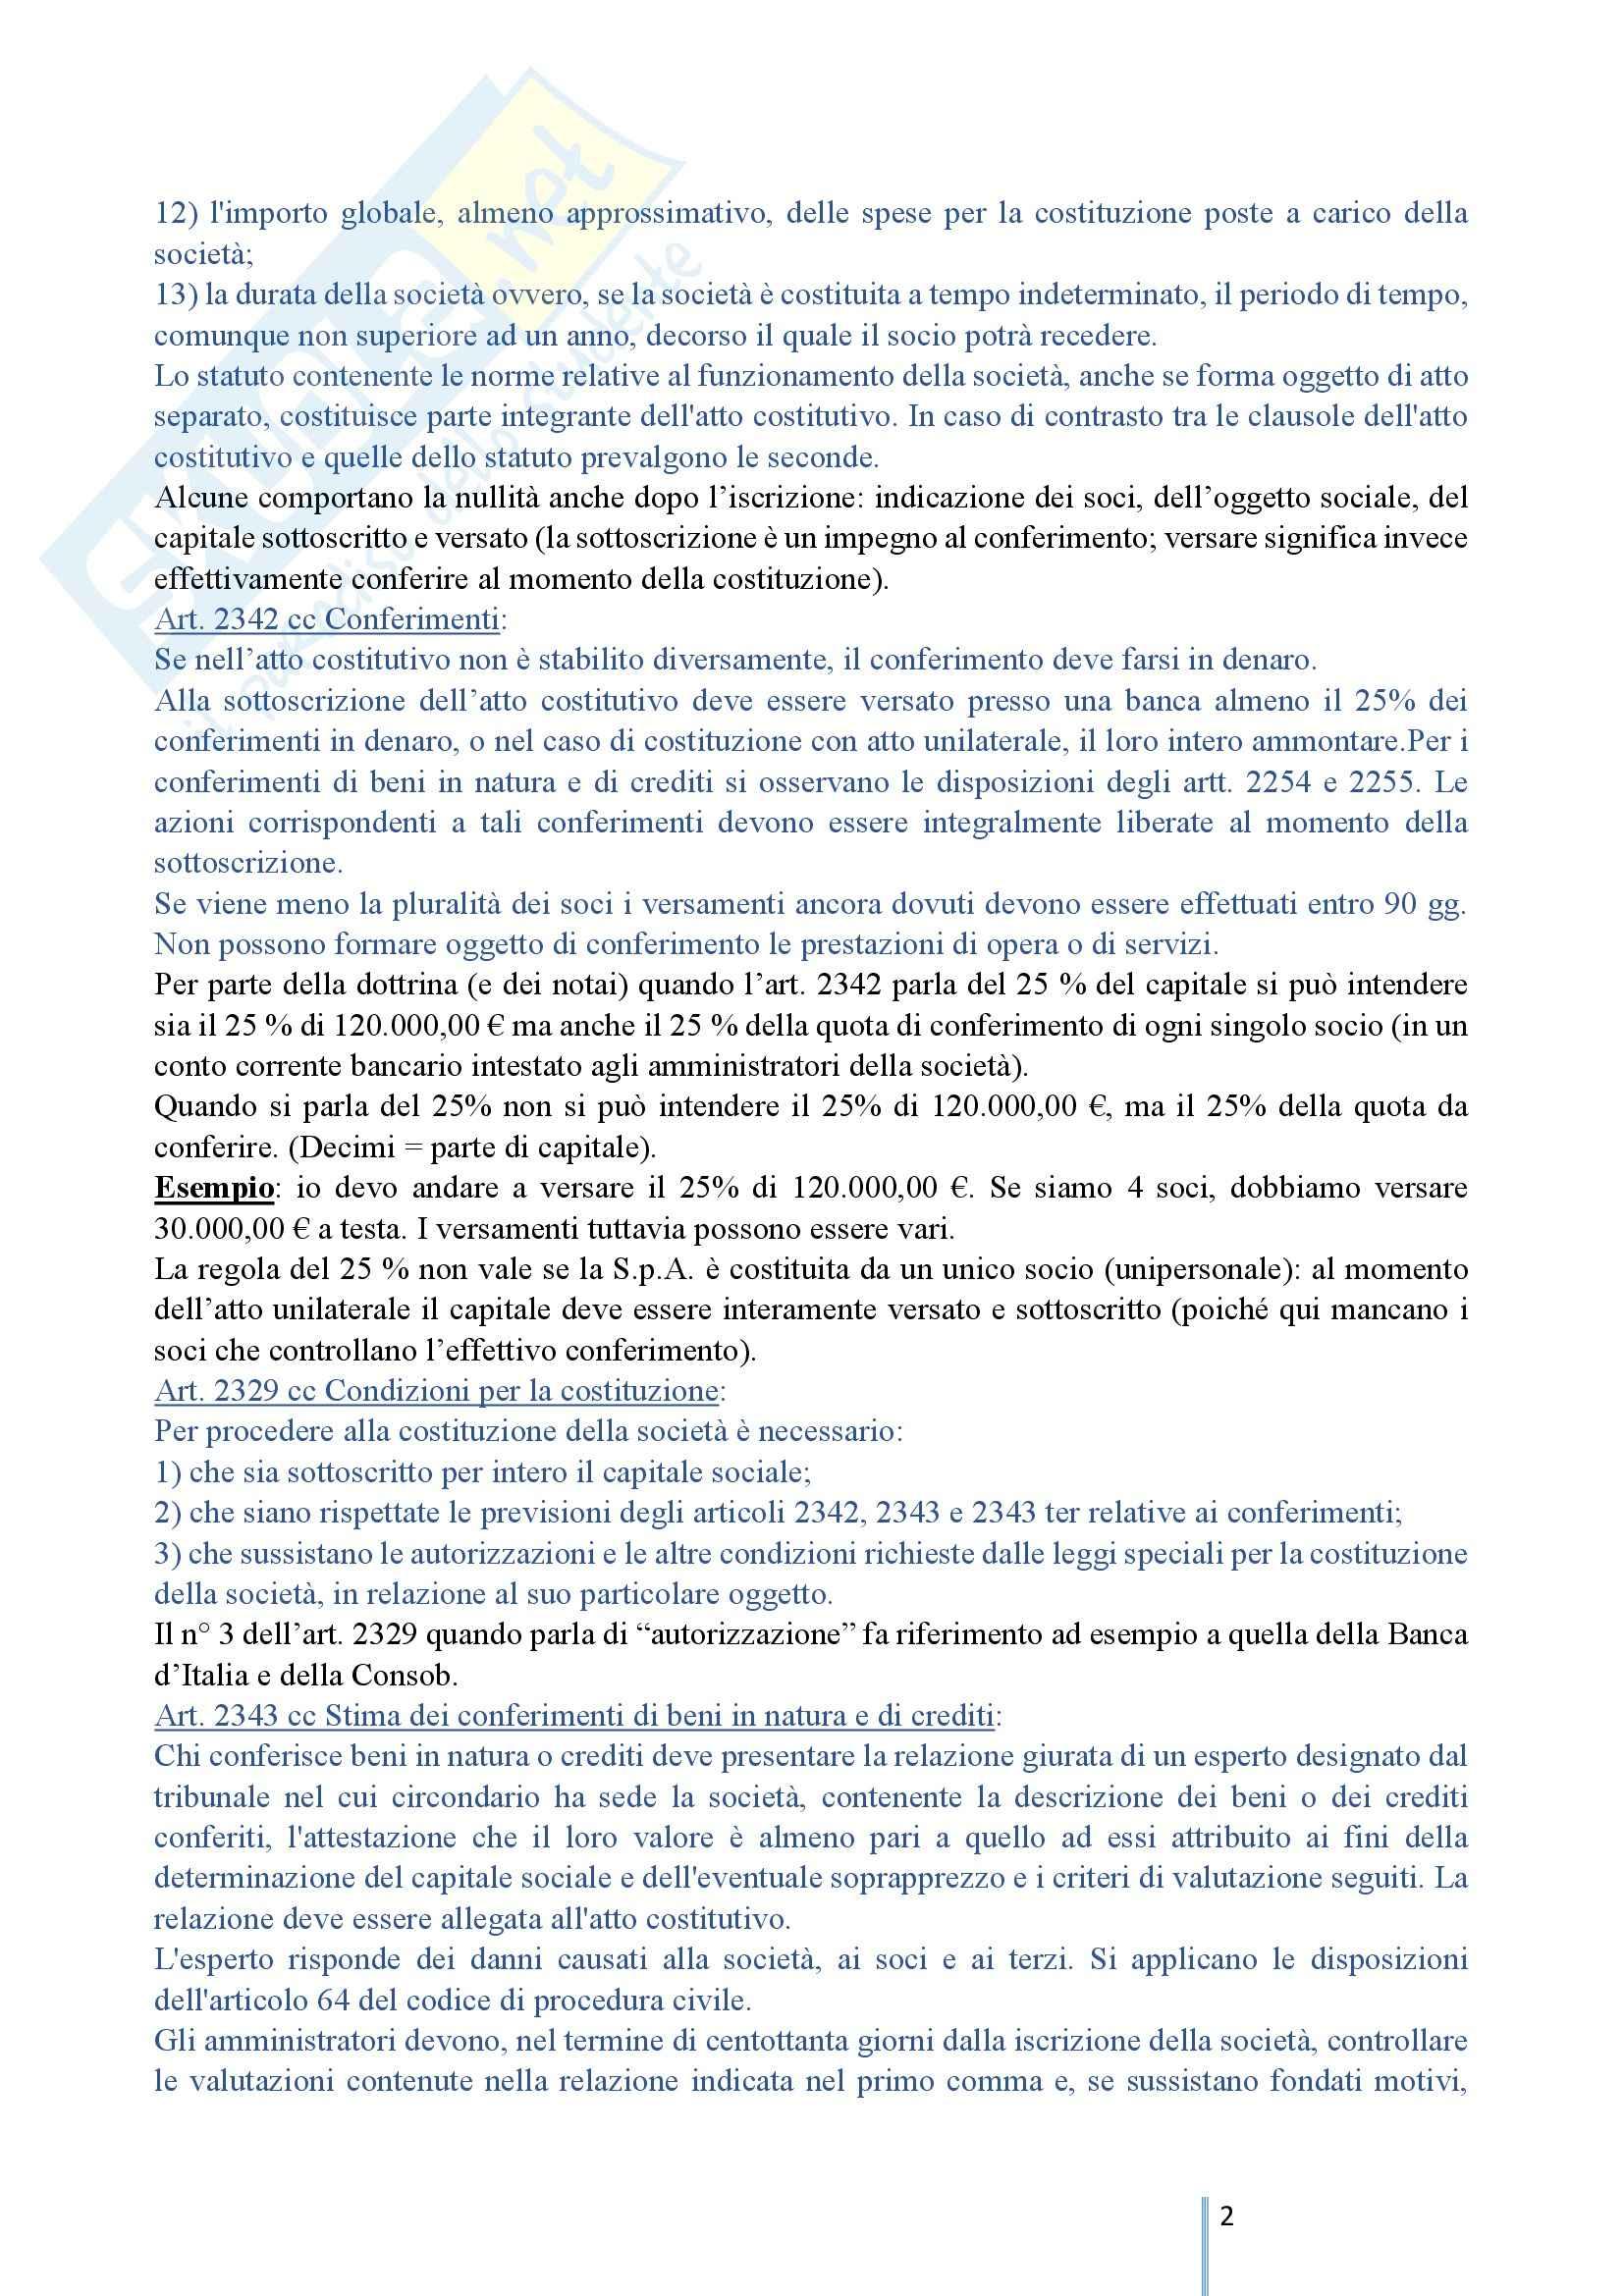 Diritto Commerciale 2 - Le società di capitali e le società cooperative Pag. 2